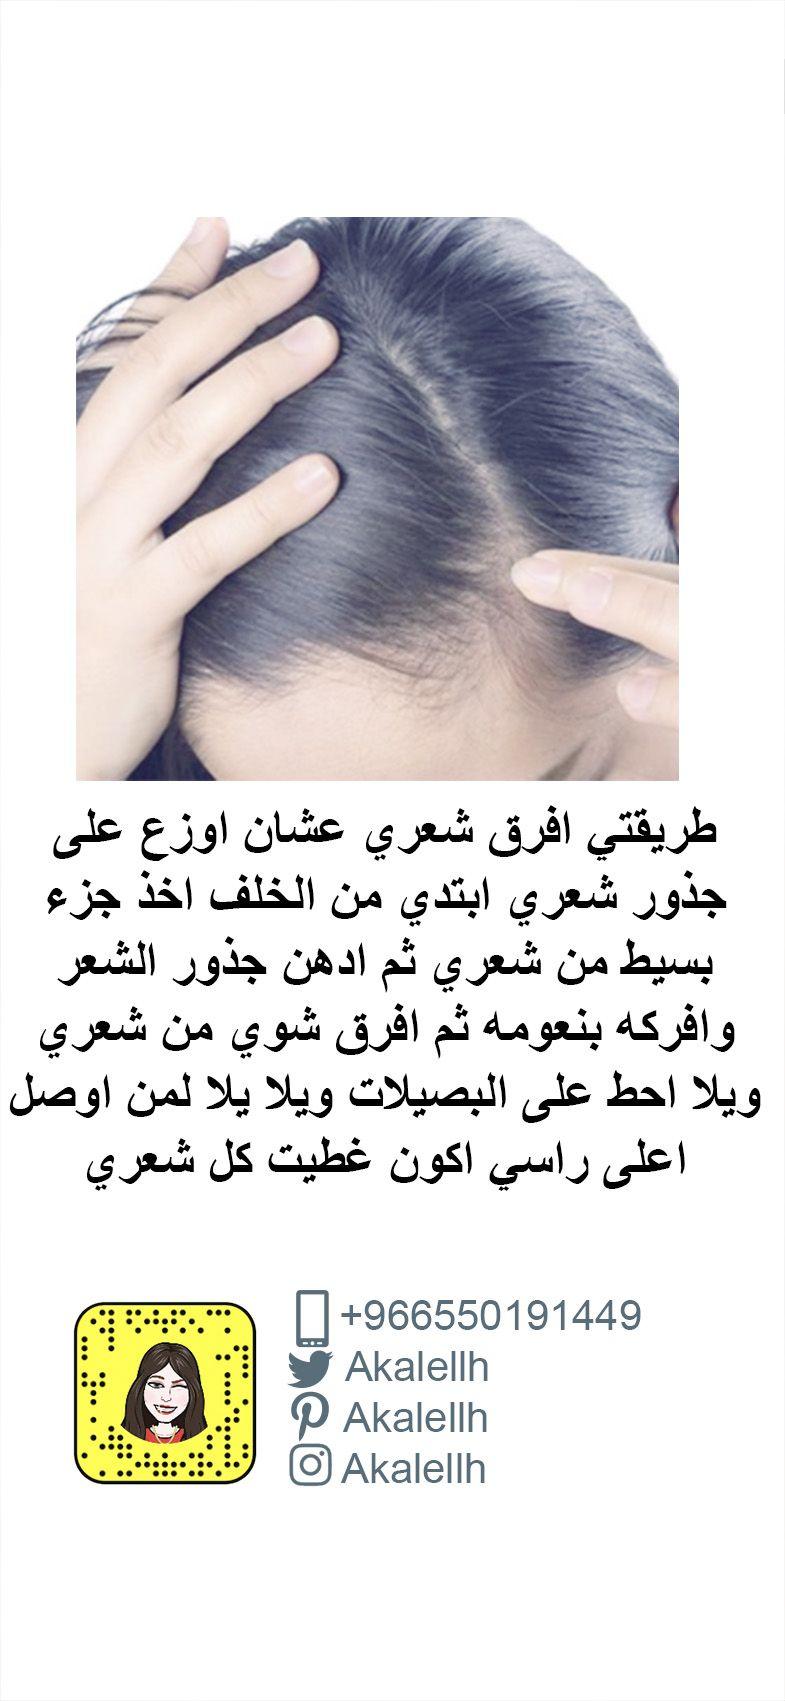 طريقة توزيع الزيت على الشعر